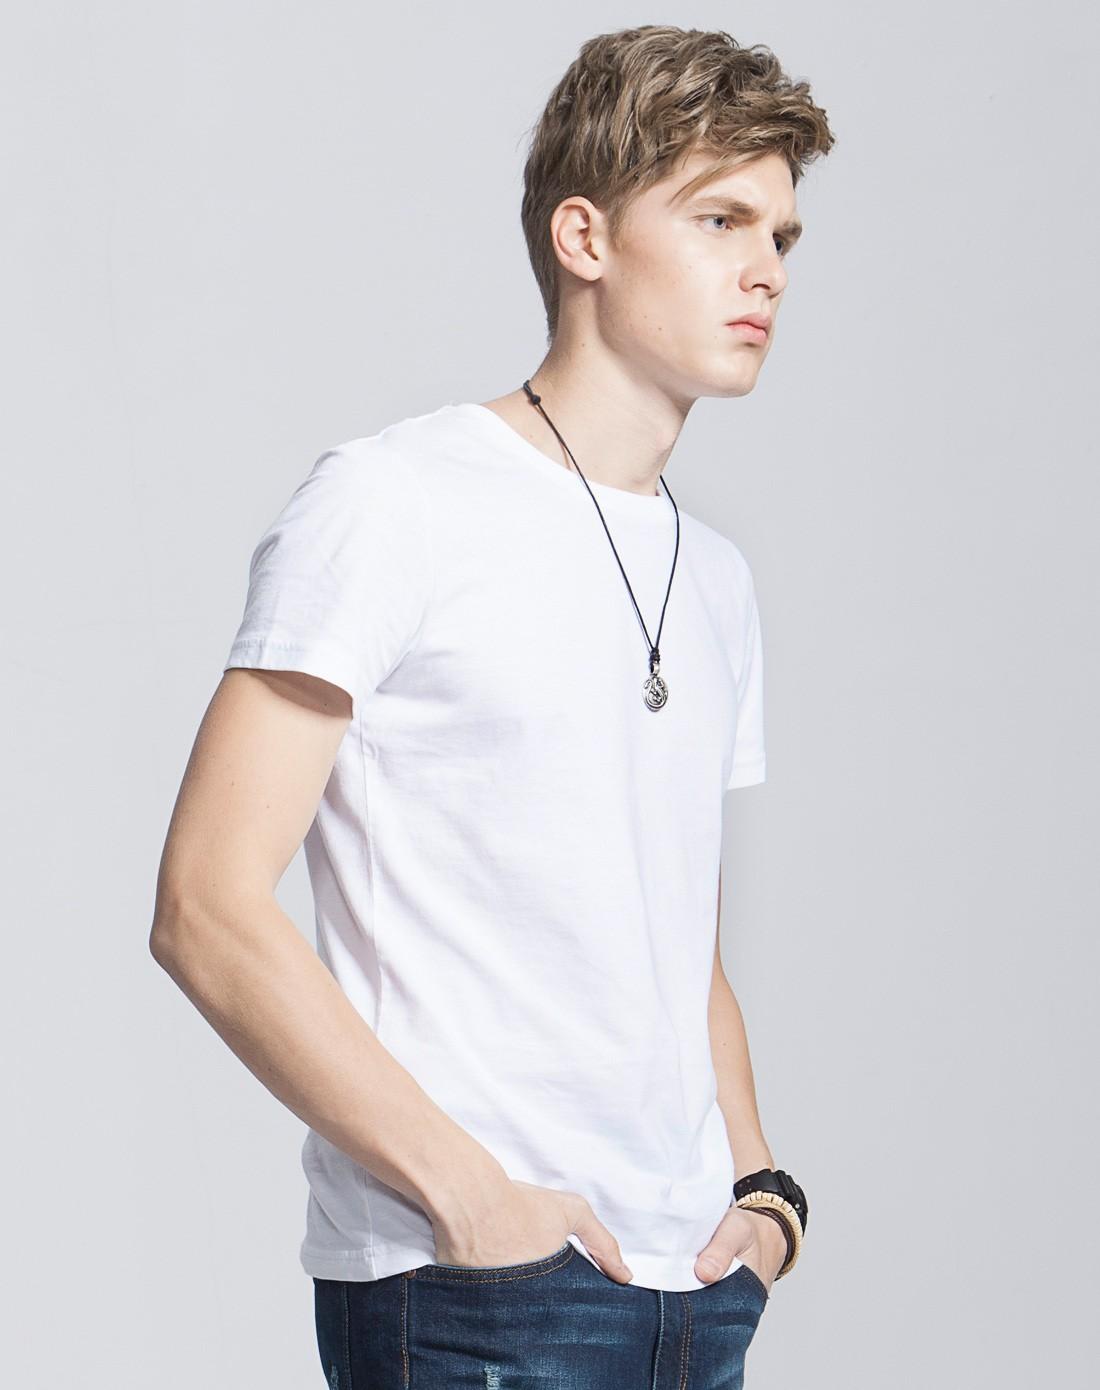 男装特白修身型圆领针织短袖t恤图片